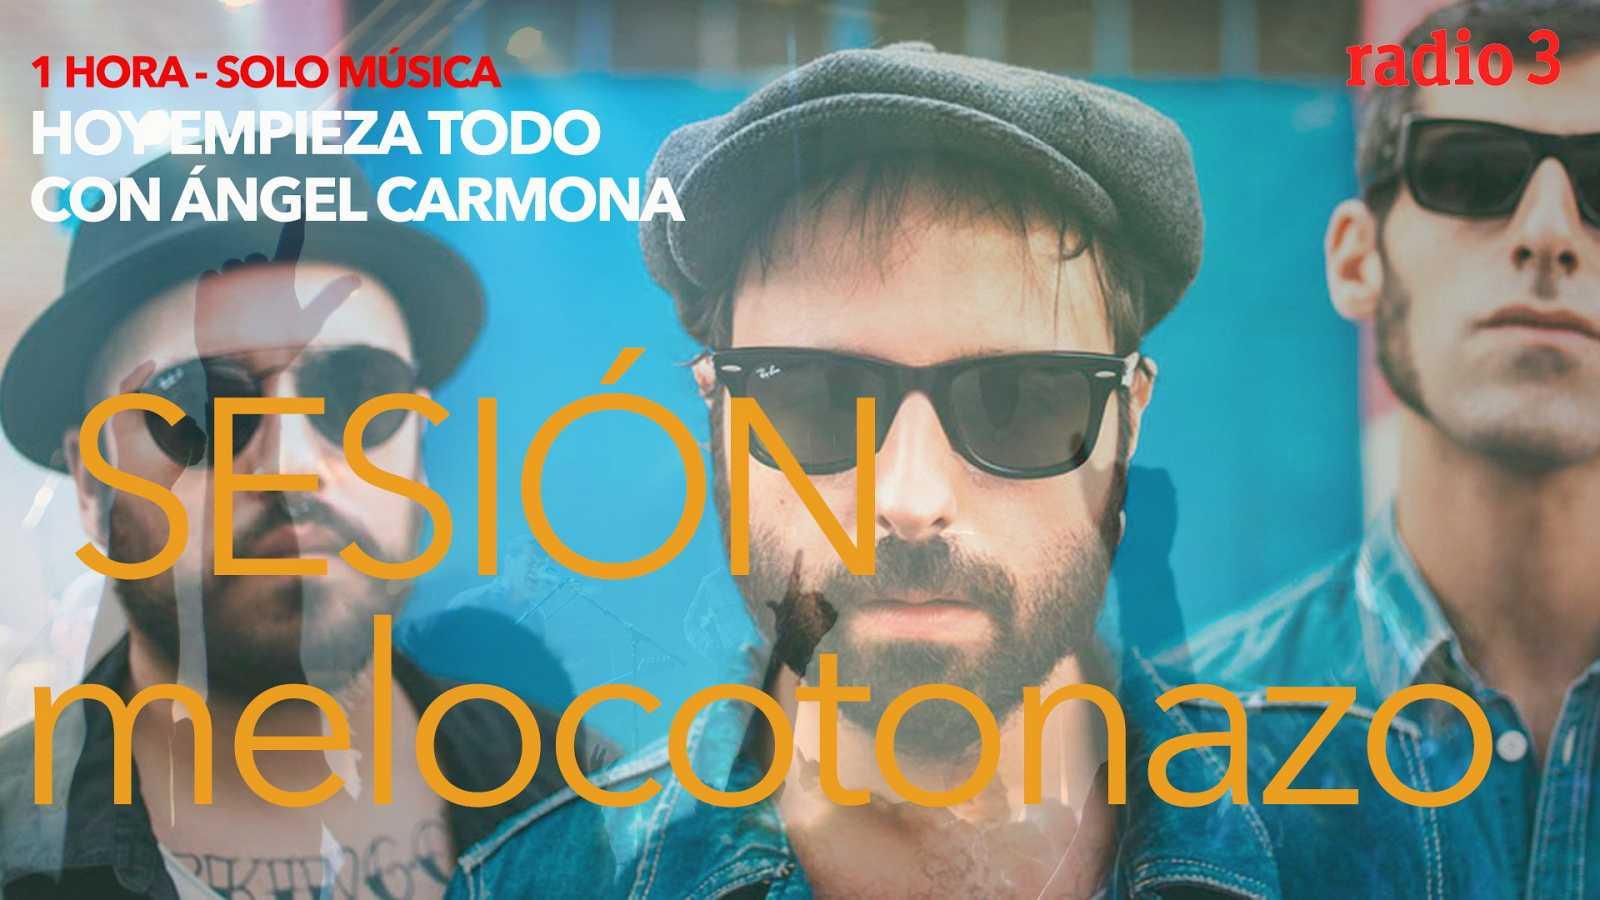 Hoy empieza todo con Ángel Carmona - #SesiónMelocotonazo: Aviador Dro, Sidecars, The Horrors... - 04/03/21 - escuchar ahora